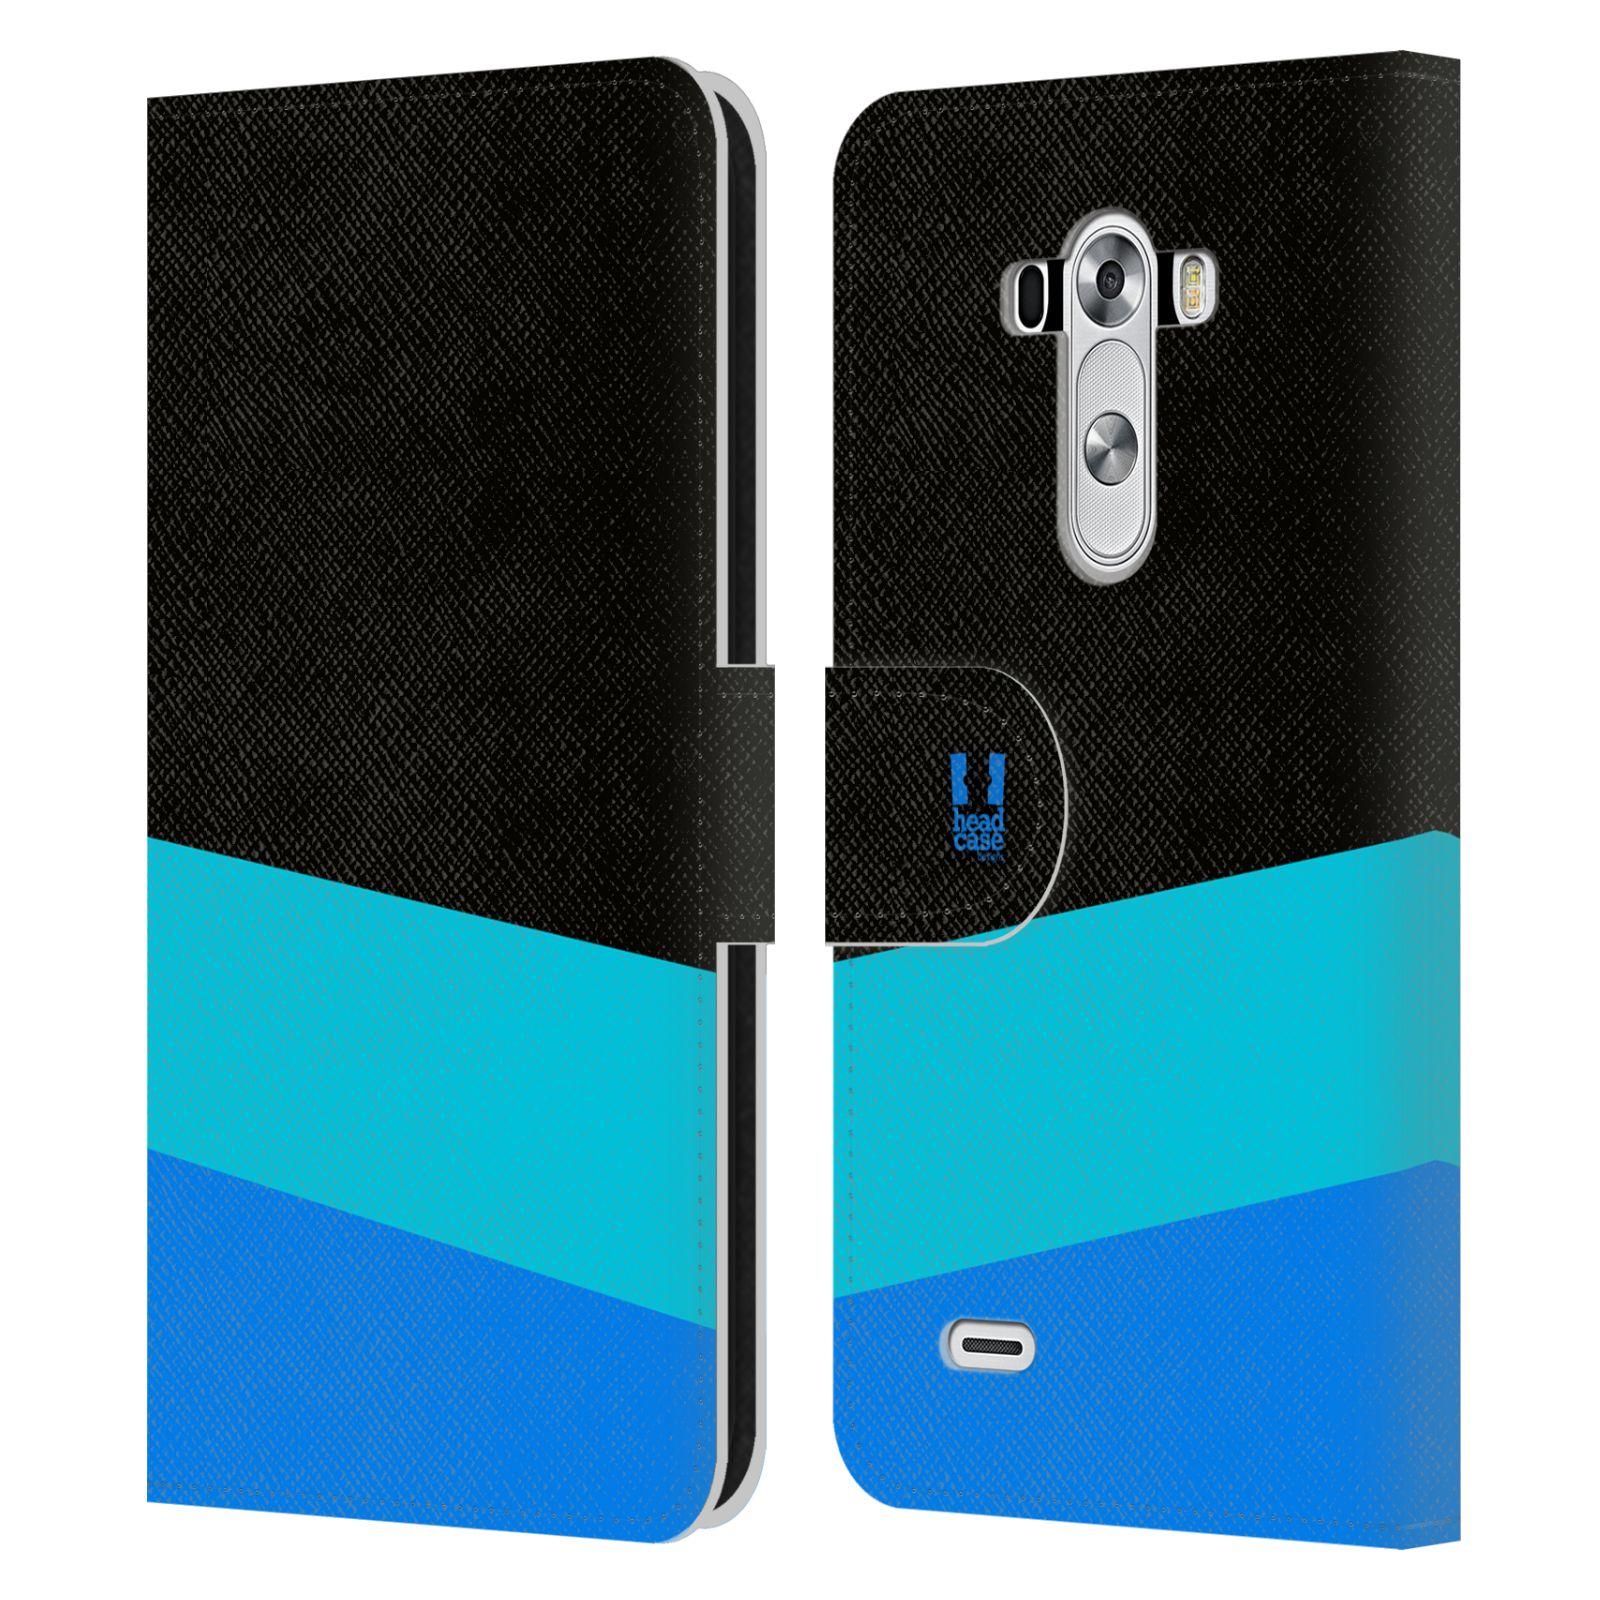 HEAD CASE Flipové pouzdro pro mobil LG G3 barevné tvary modrá a černá FORMAL